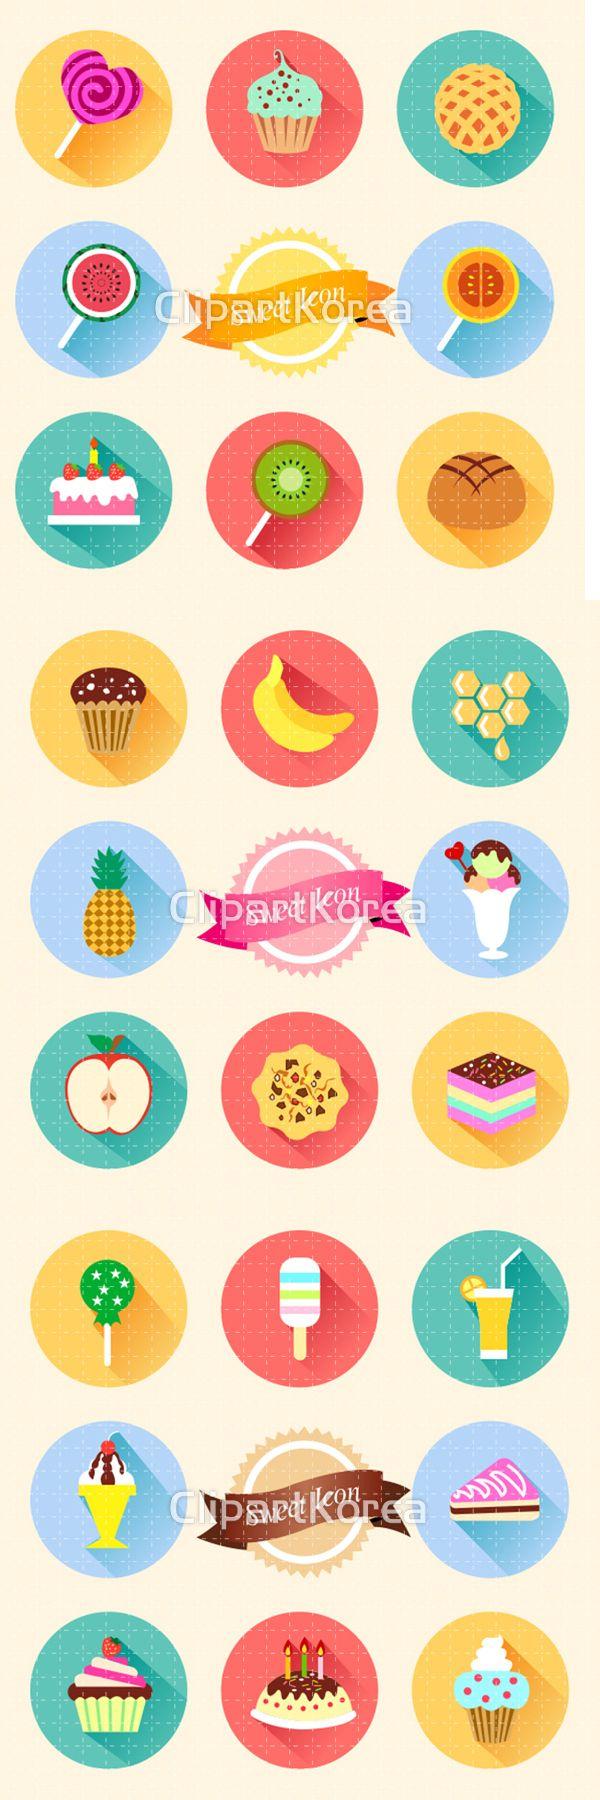 귀여운 스윗 아이콘 입니다 :) The collection of sweet icons  #아이콘 #사탕 #컵케이크 #와플 #케잌 #바나나 #꿀 #파인애플 #아이스크림 #사과 #피자 #떡 #쥬스 #icon #waffle #cup cake #cake #candy #Banana #bread #pizza #apple #juice #honey #pineapple #ice cream